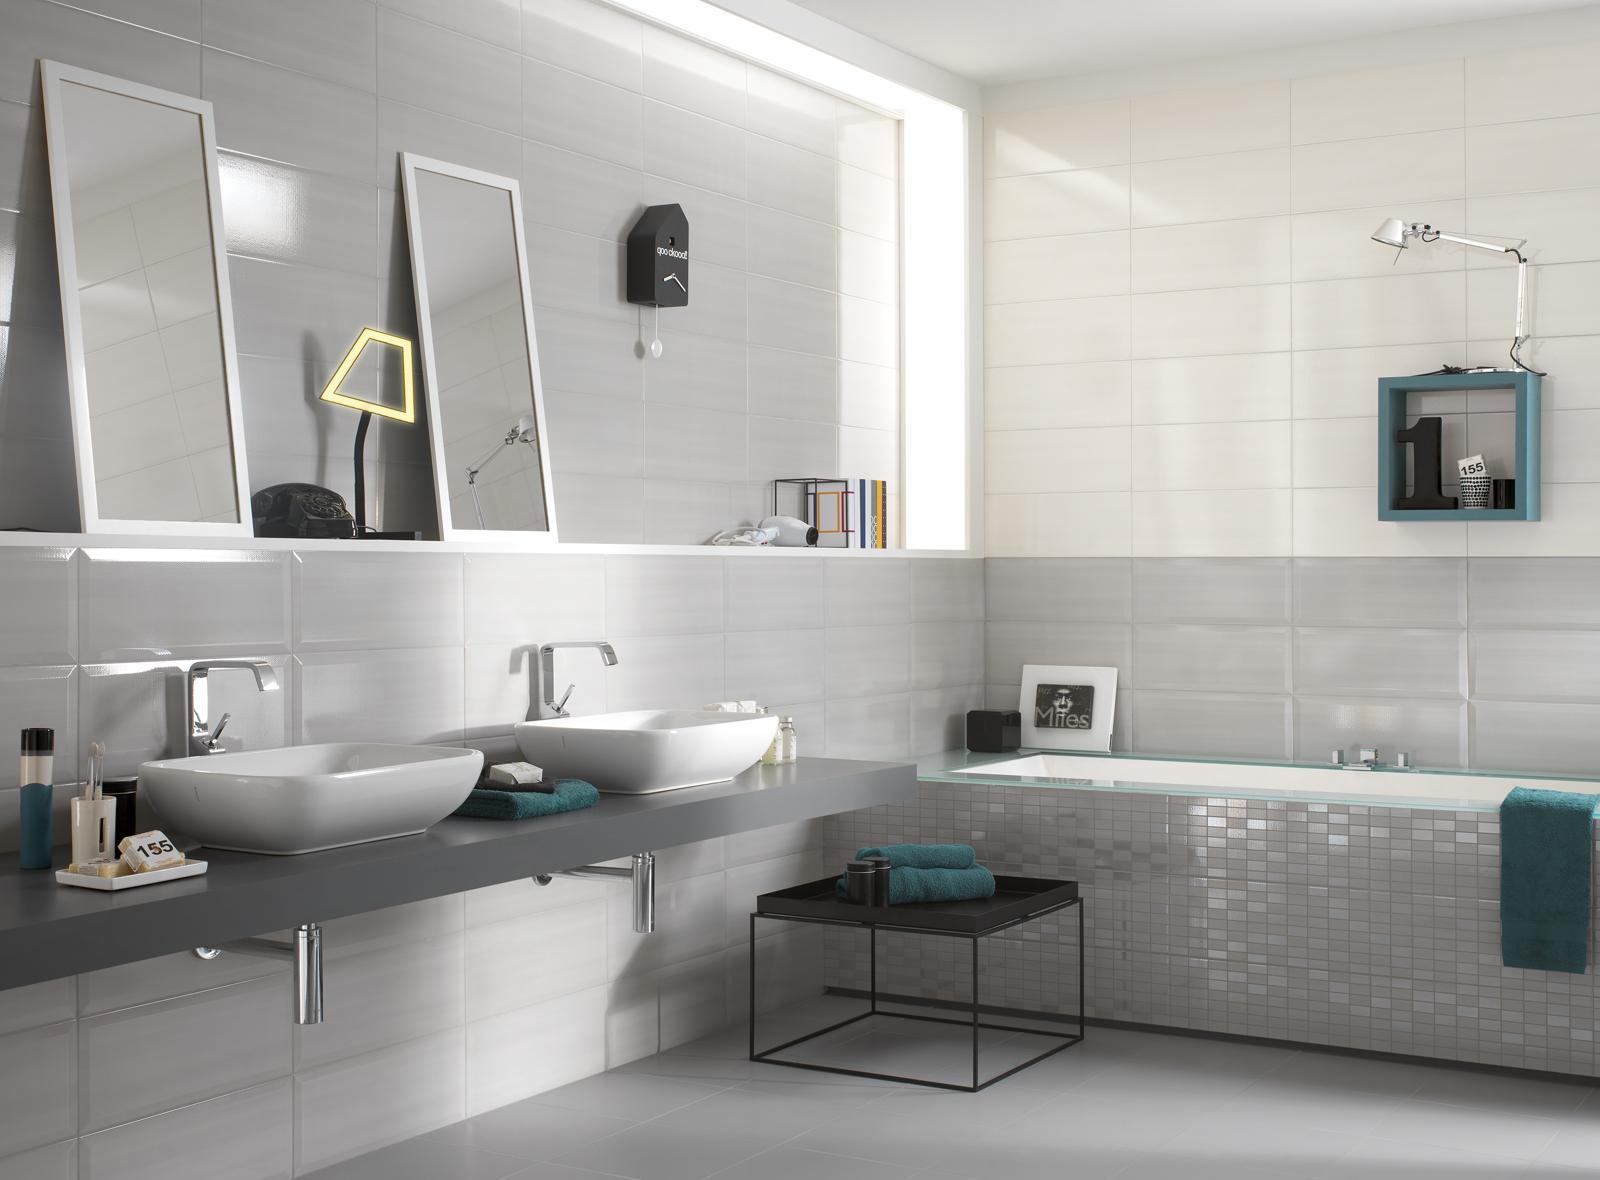 Nuance - Ceramic bathroom covering | Marazzi